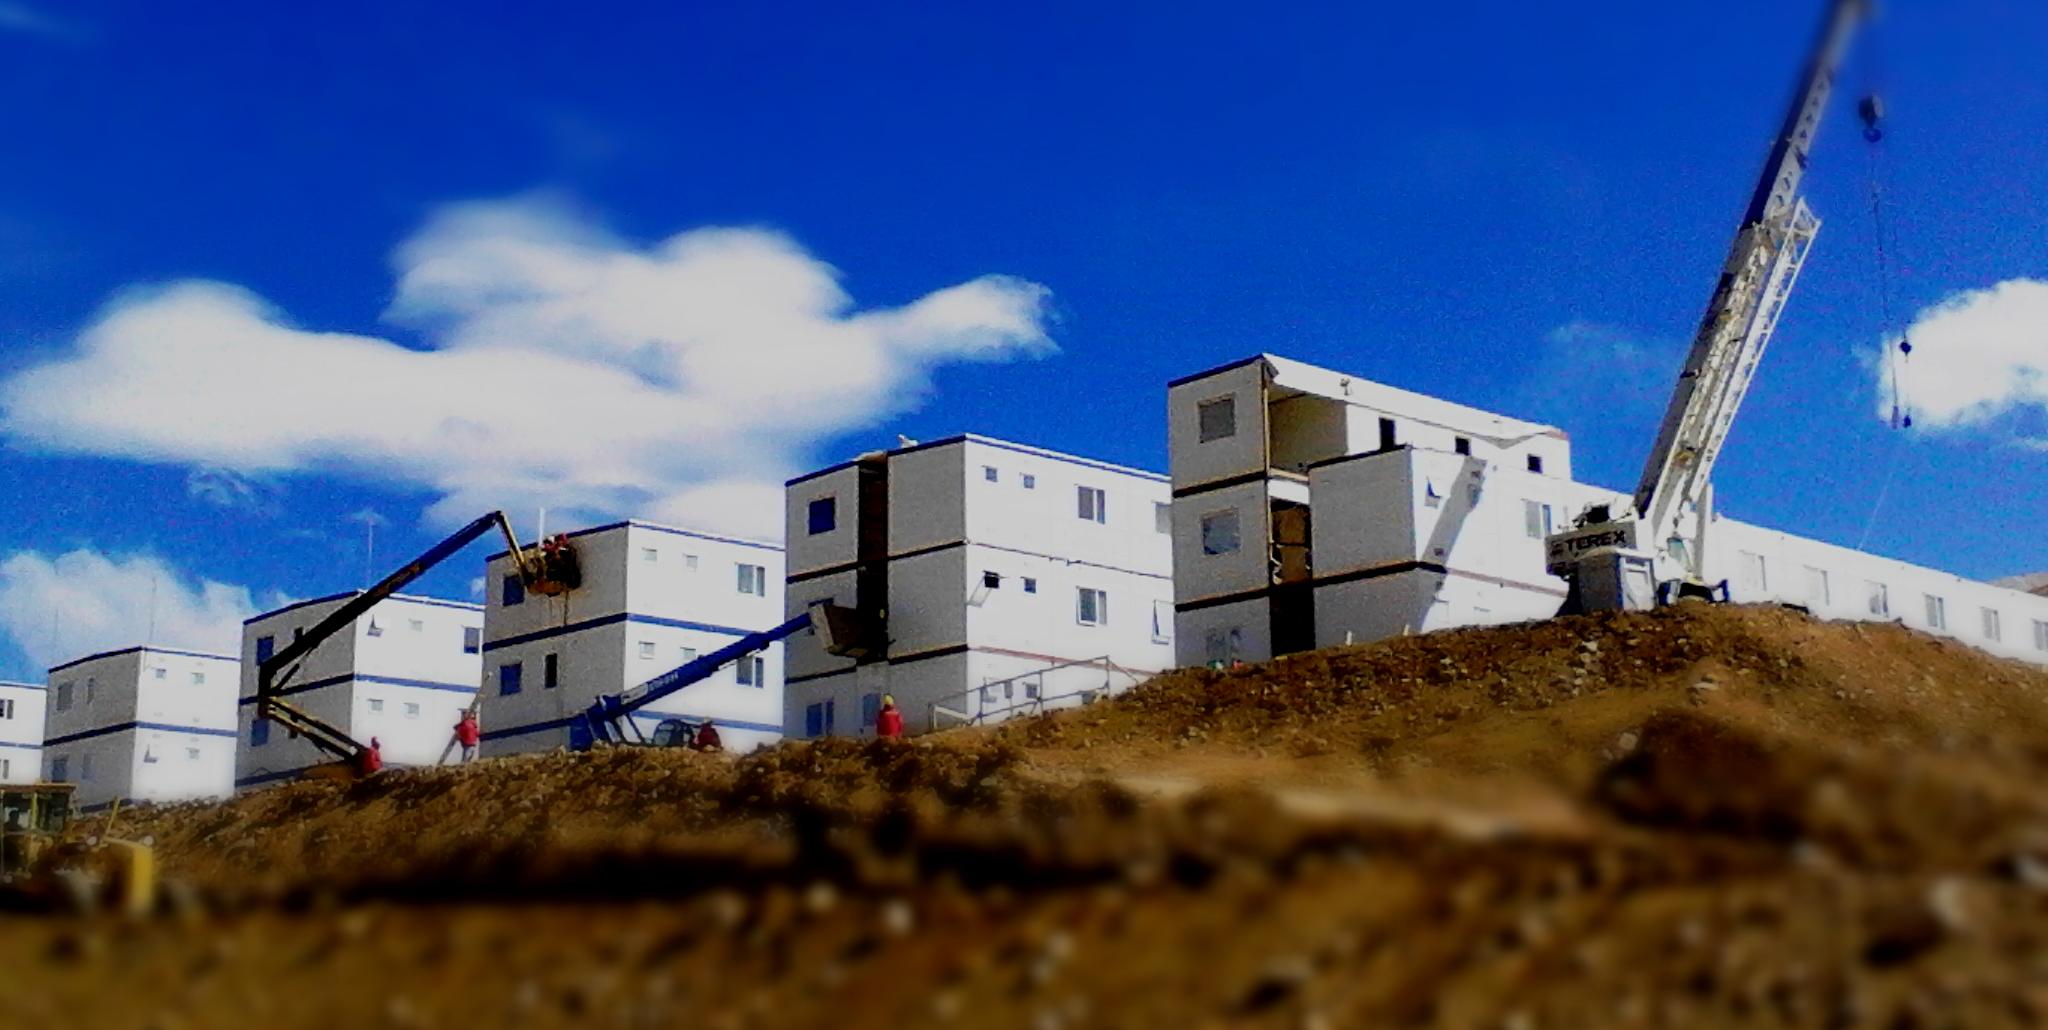 Pascua Lama: 5 nuevos edificios de 3 pisos.